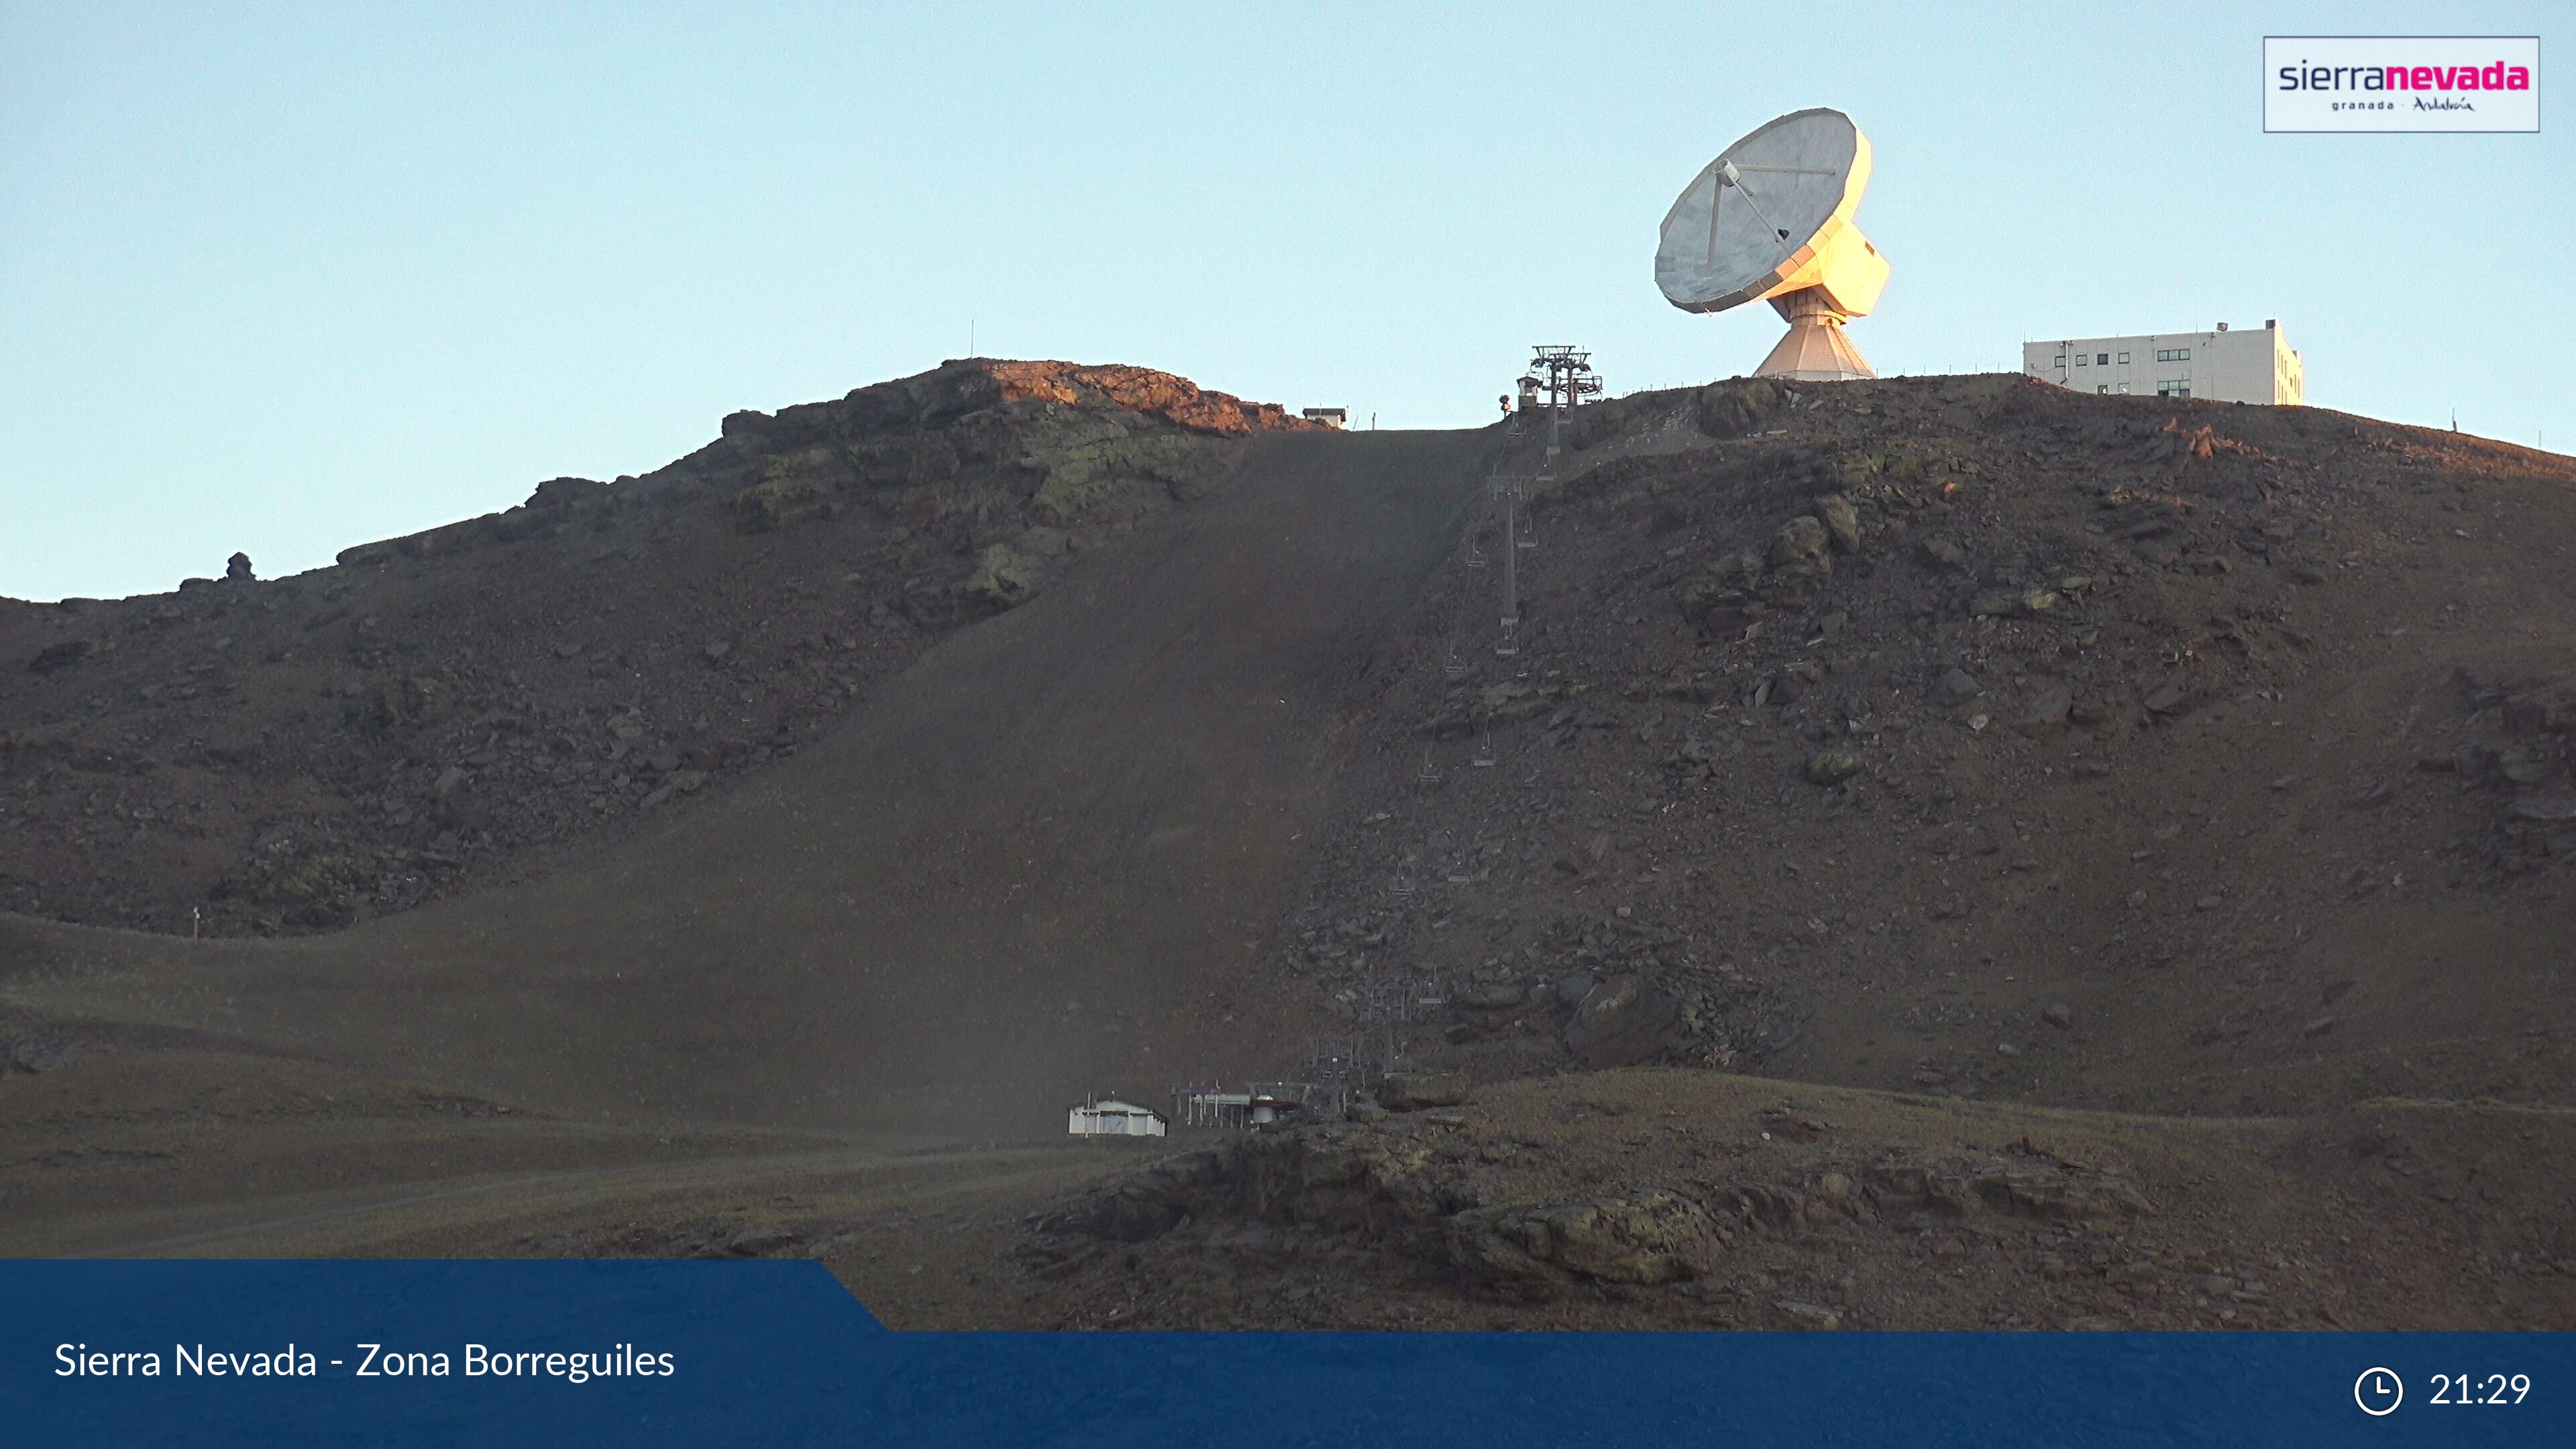 La Visera - Radiotelescopio